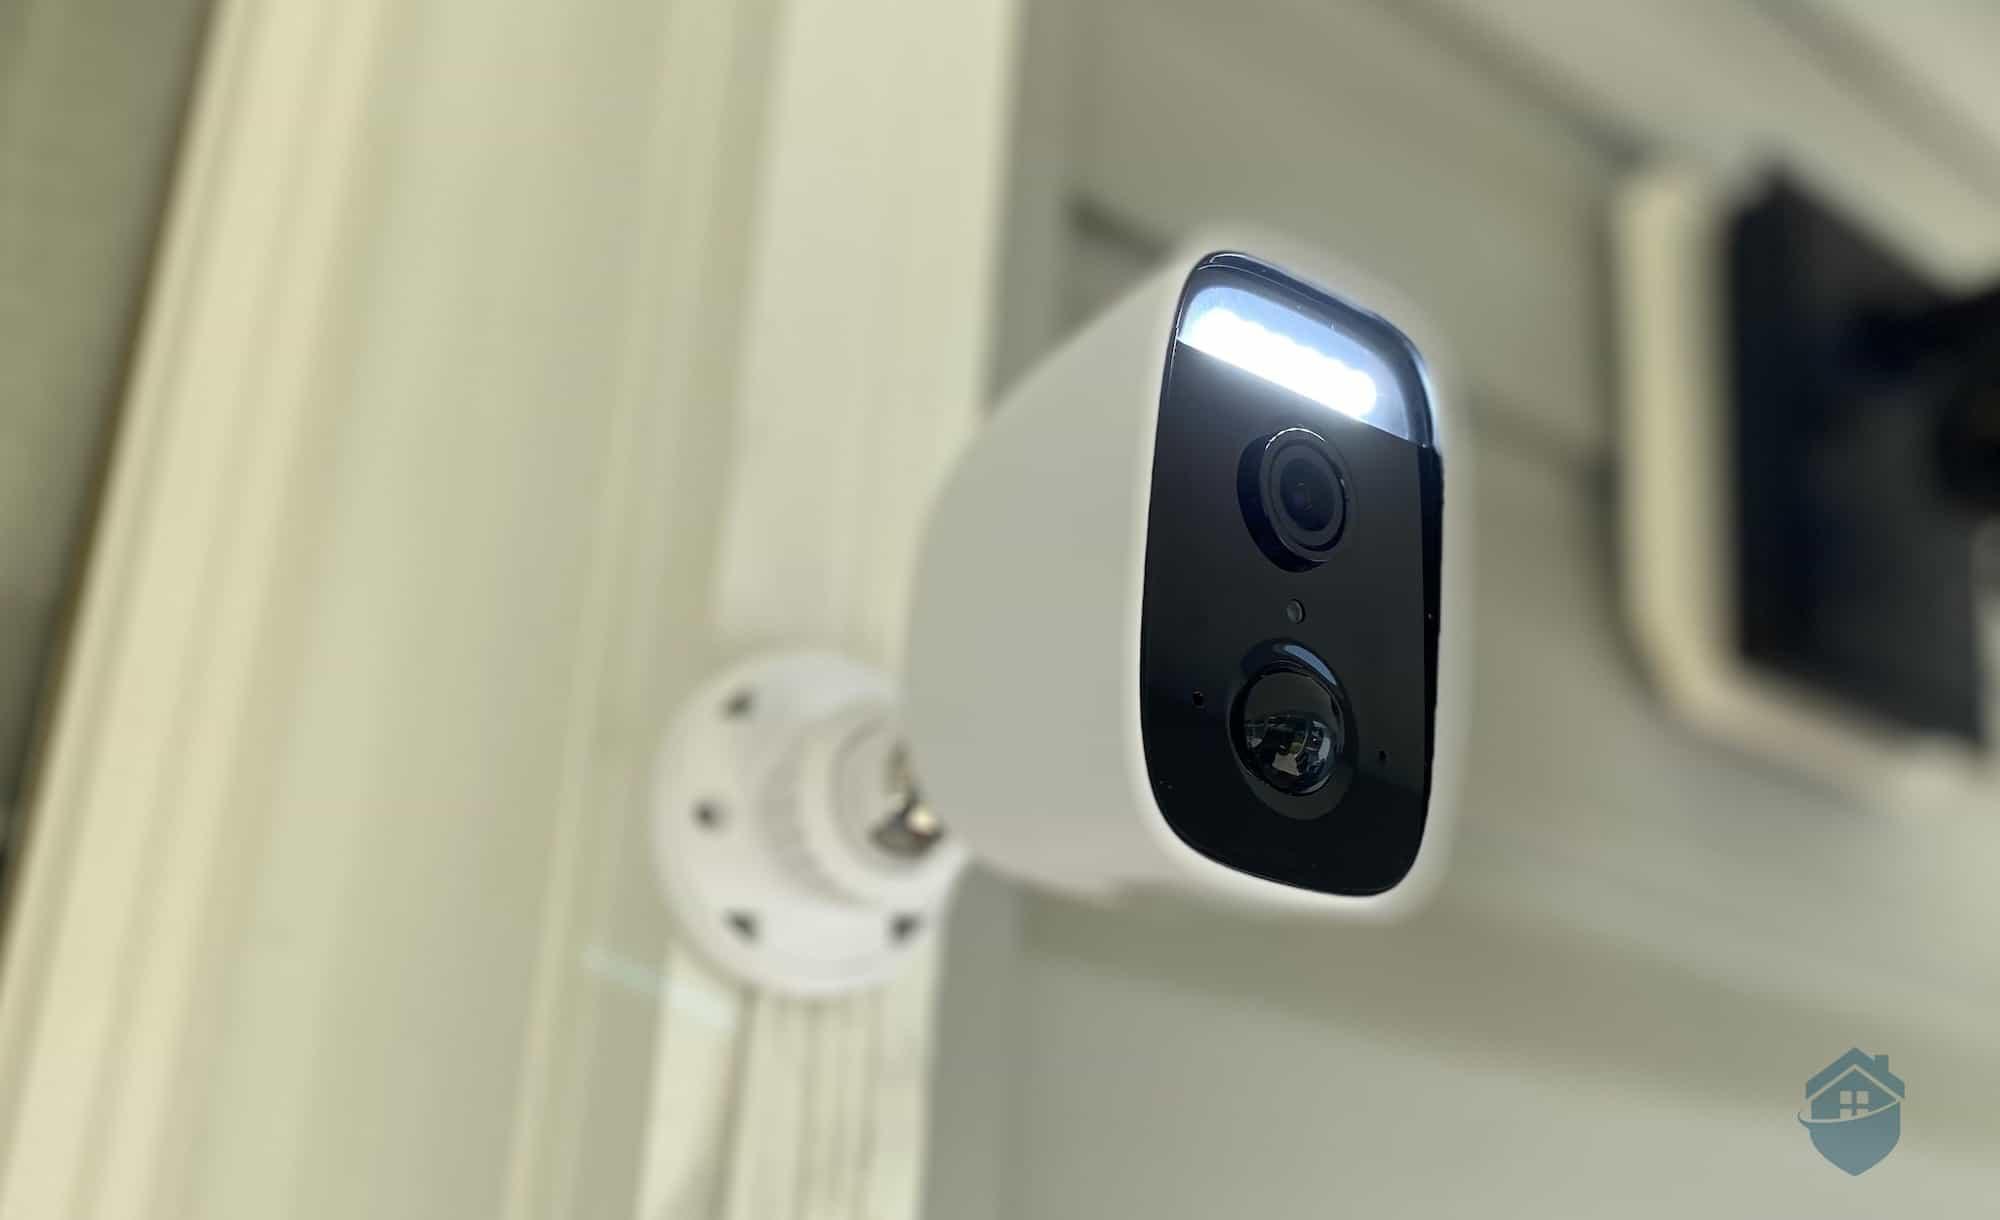 D-Link Camera Installed on Door Frame